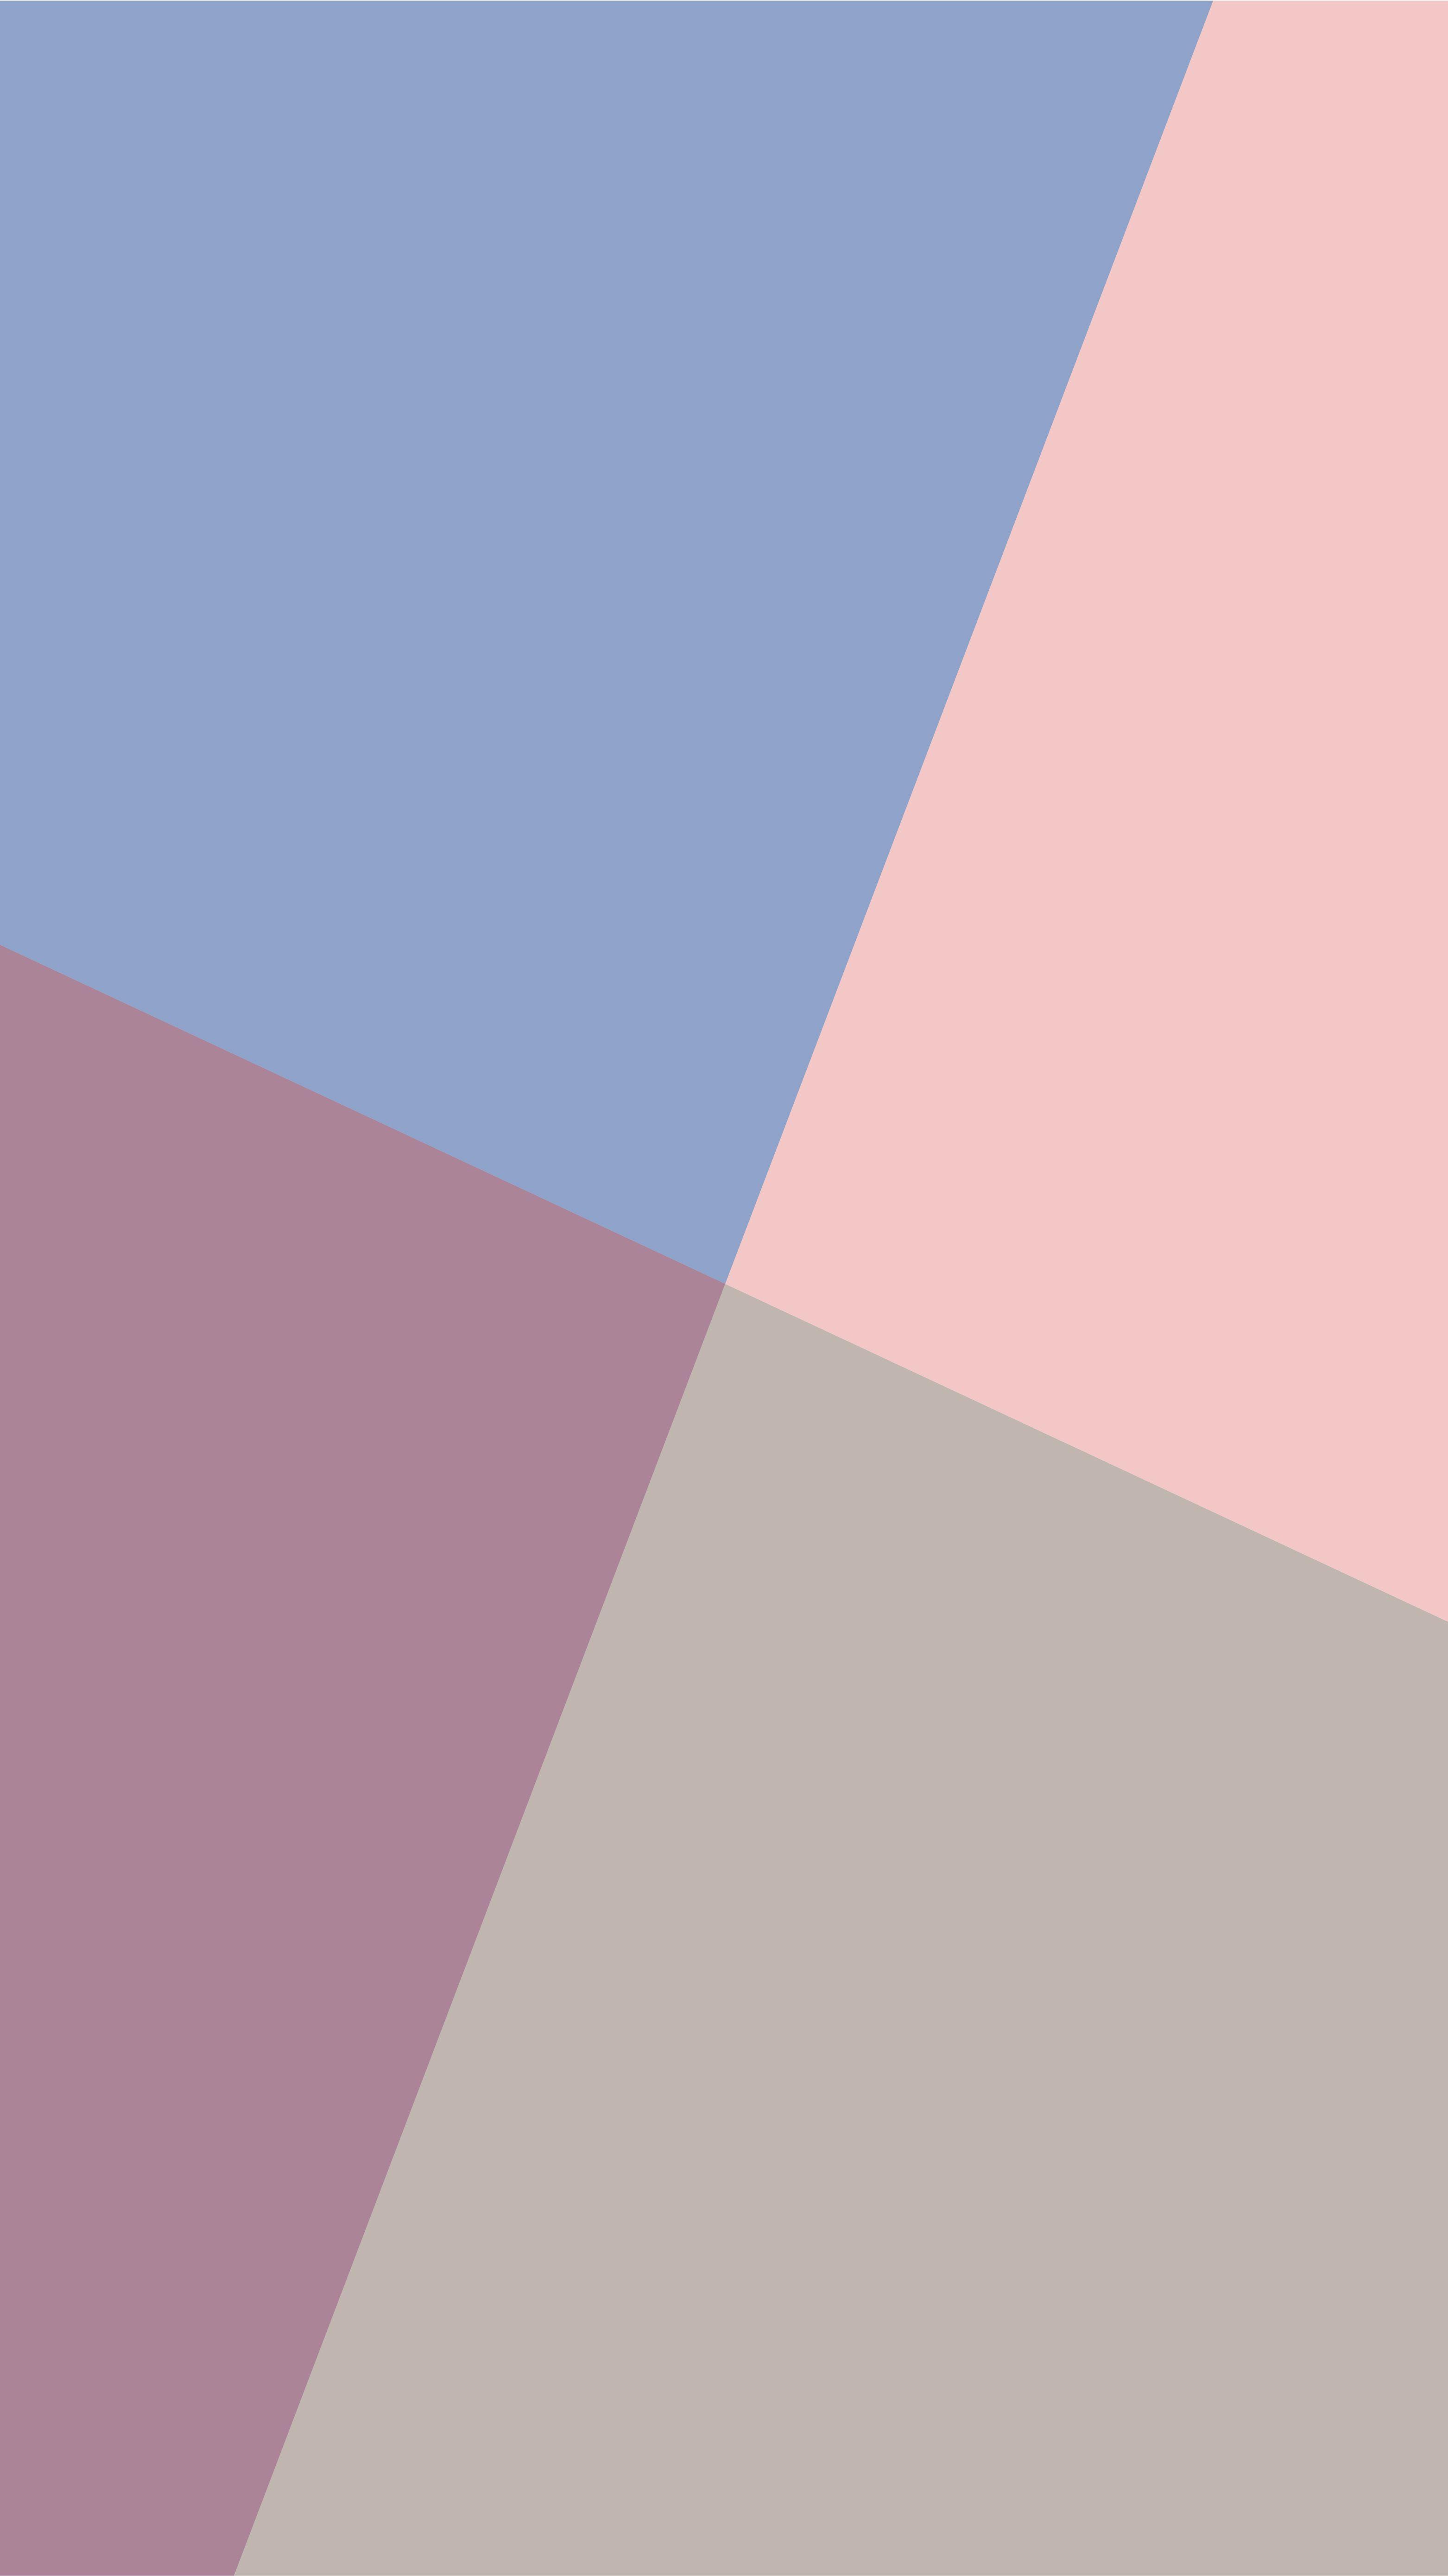 Wallpaper Warna Polos : wallpaper, warna, polos, Yolanda, Wallpaper, Pola,, Abstrak,